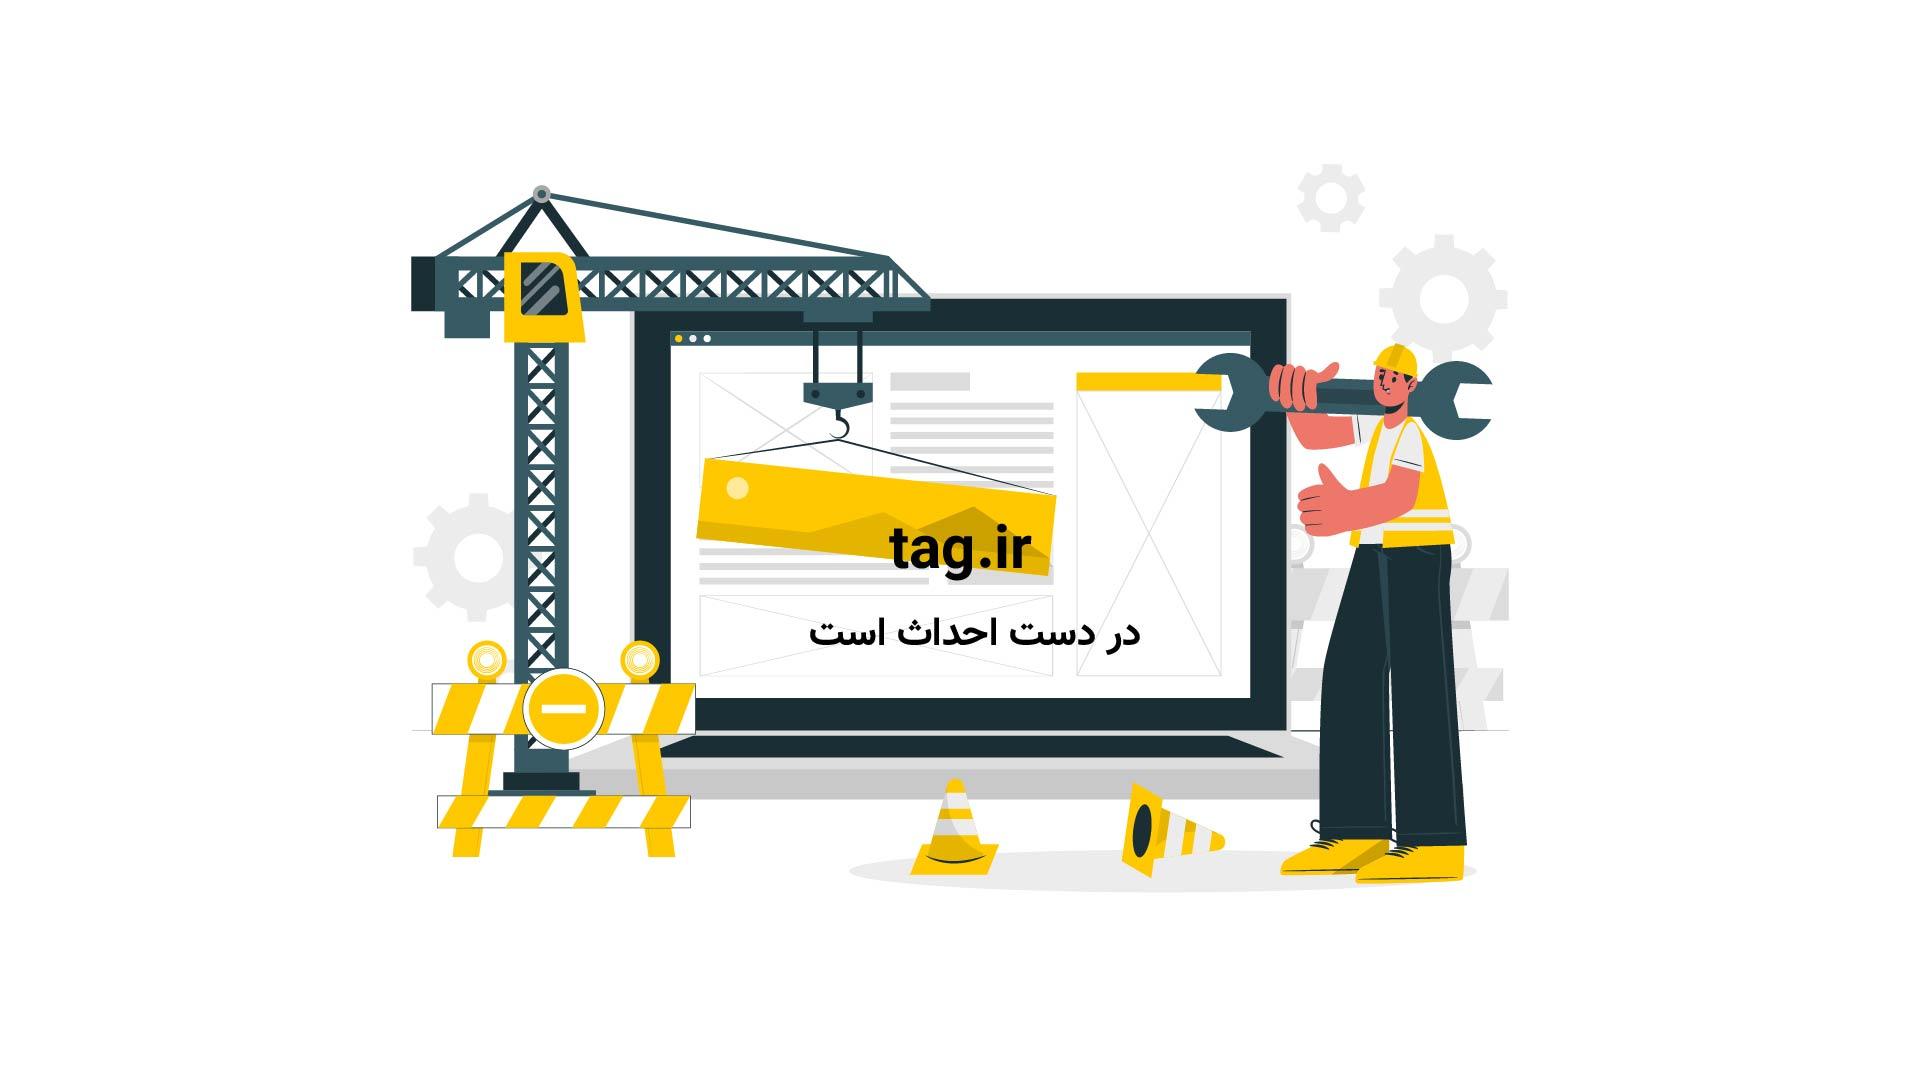 ادا بازی حسین رفیعی برای فامیل دور | فیلم